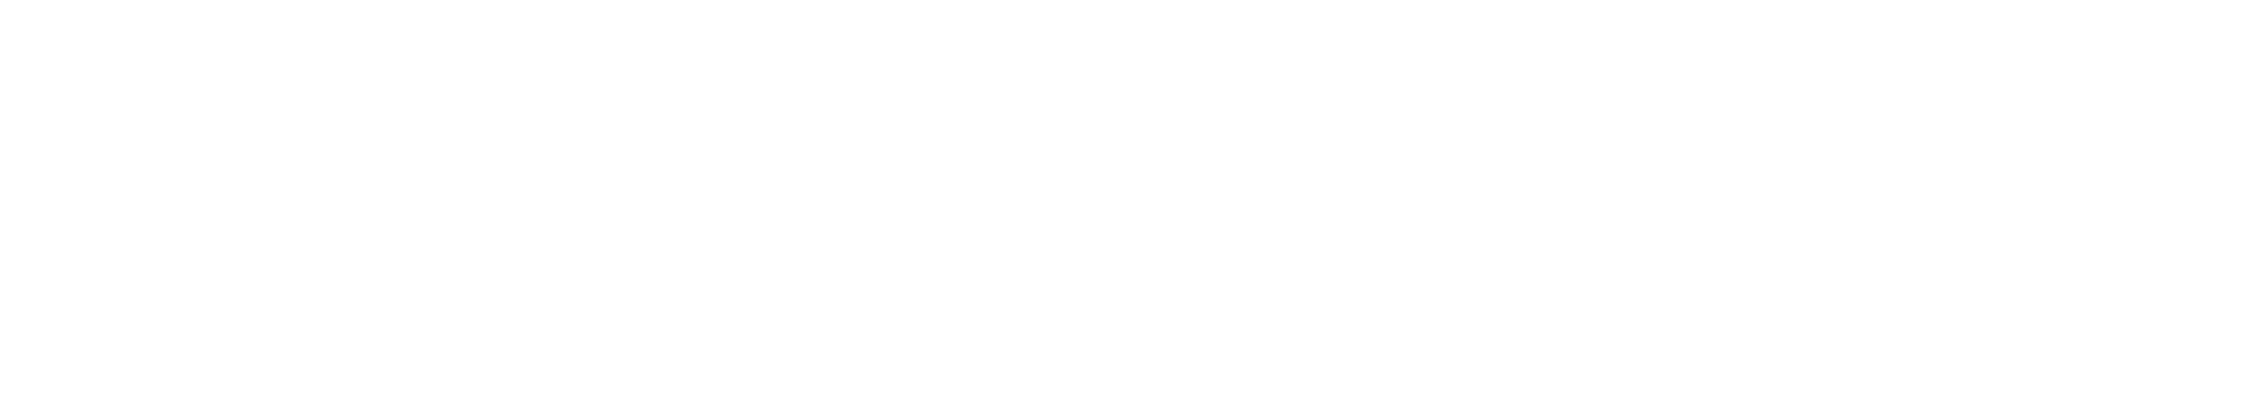 transformfooter_logos-2-01